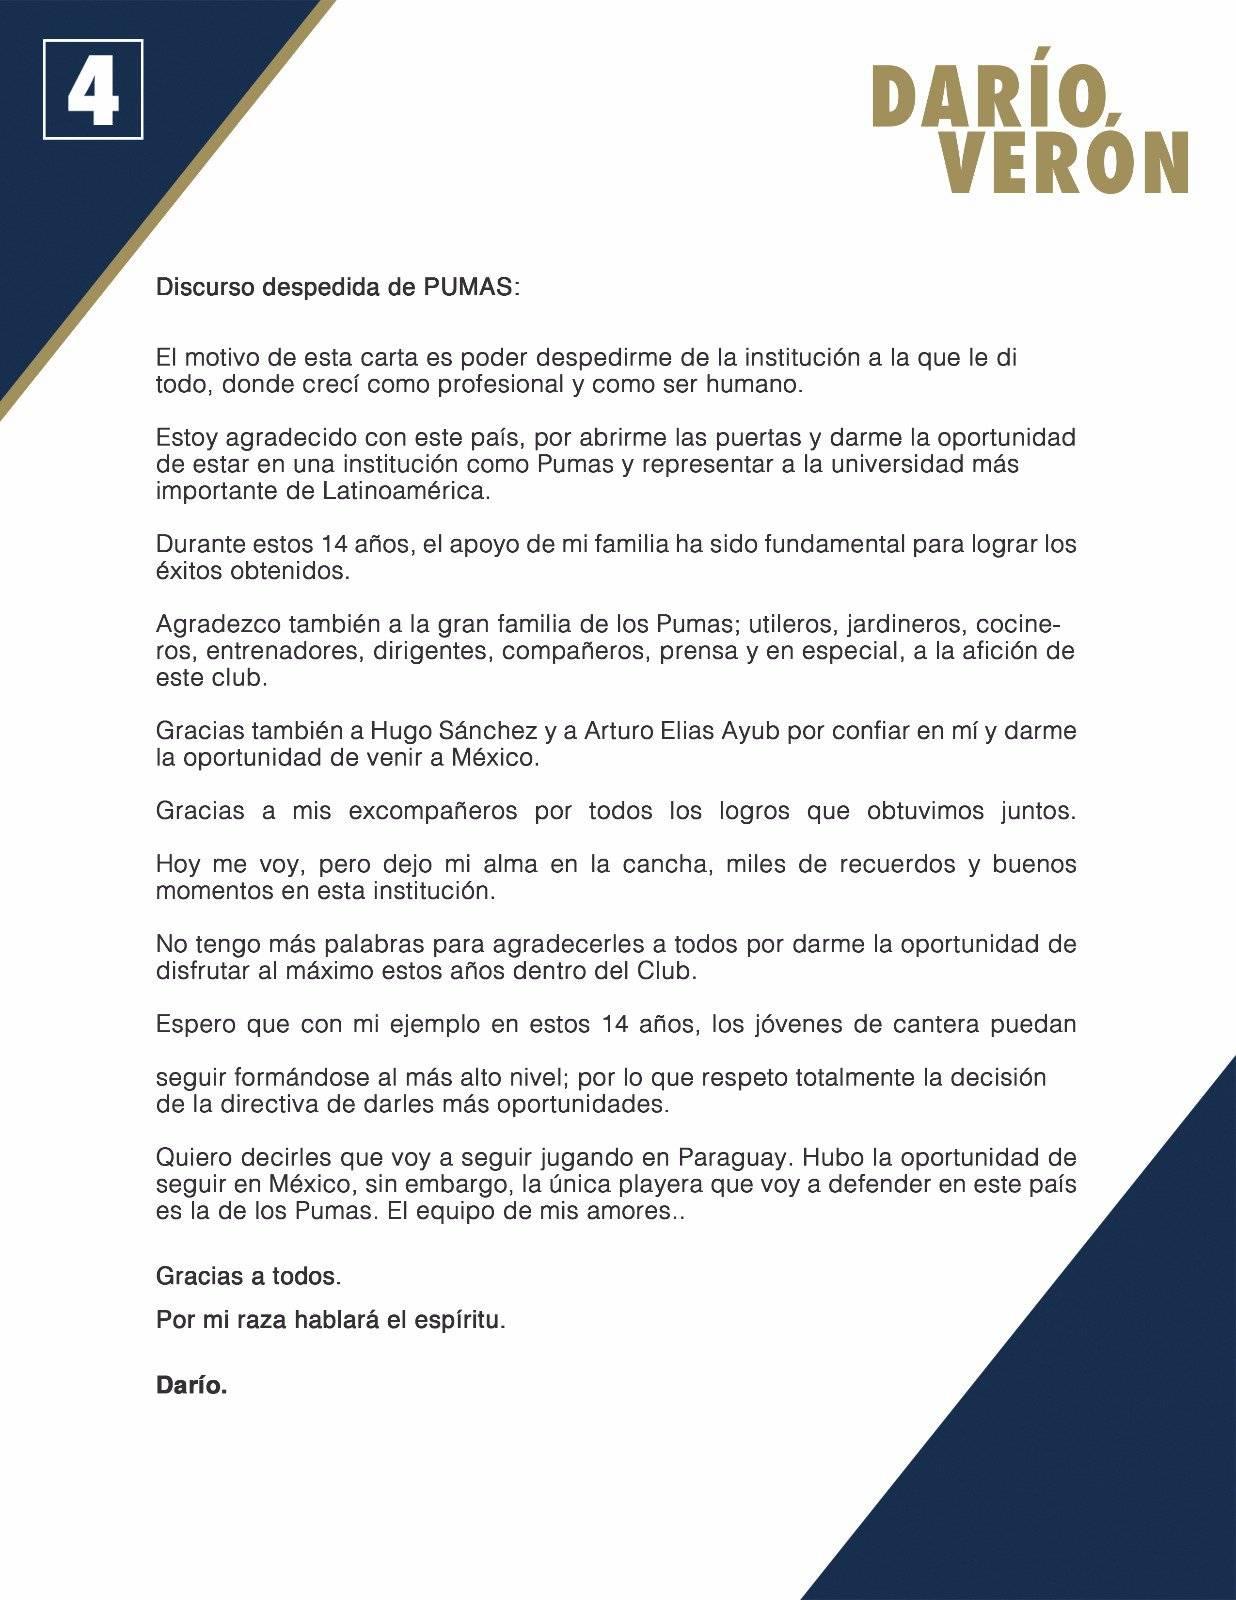 Darío Verón se despide de los Pumas de la UNAM